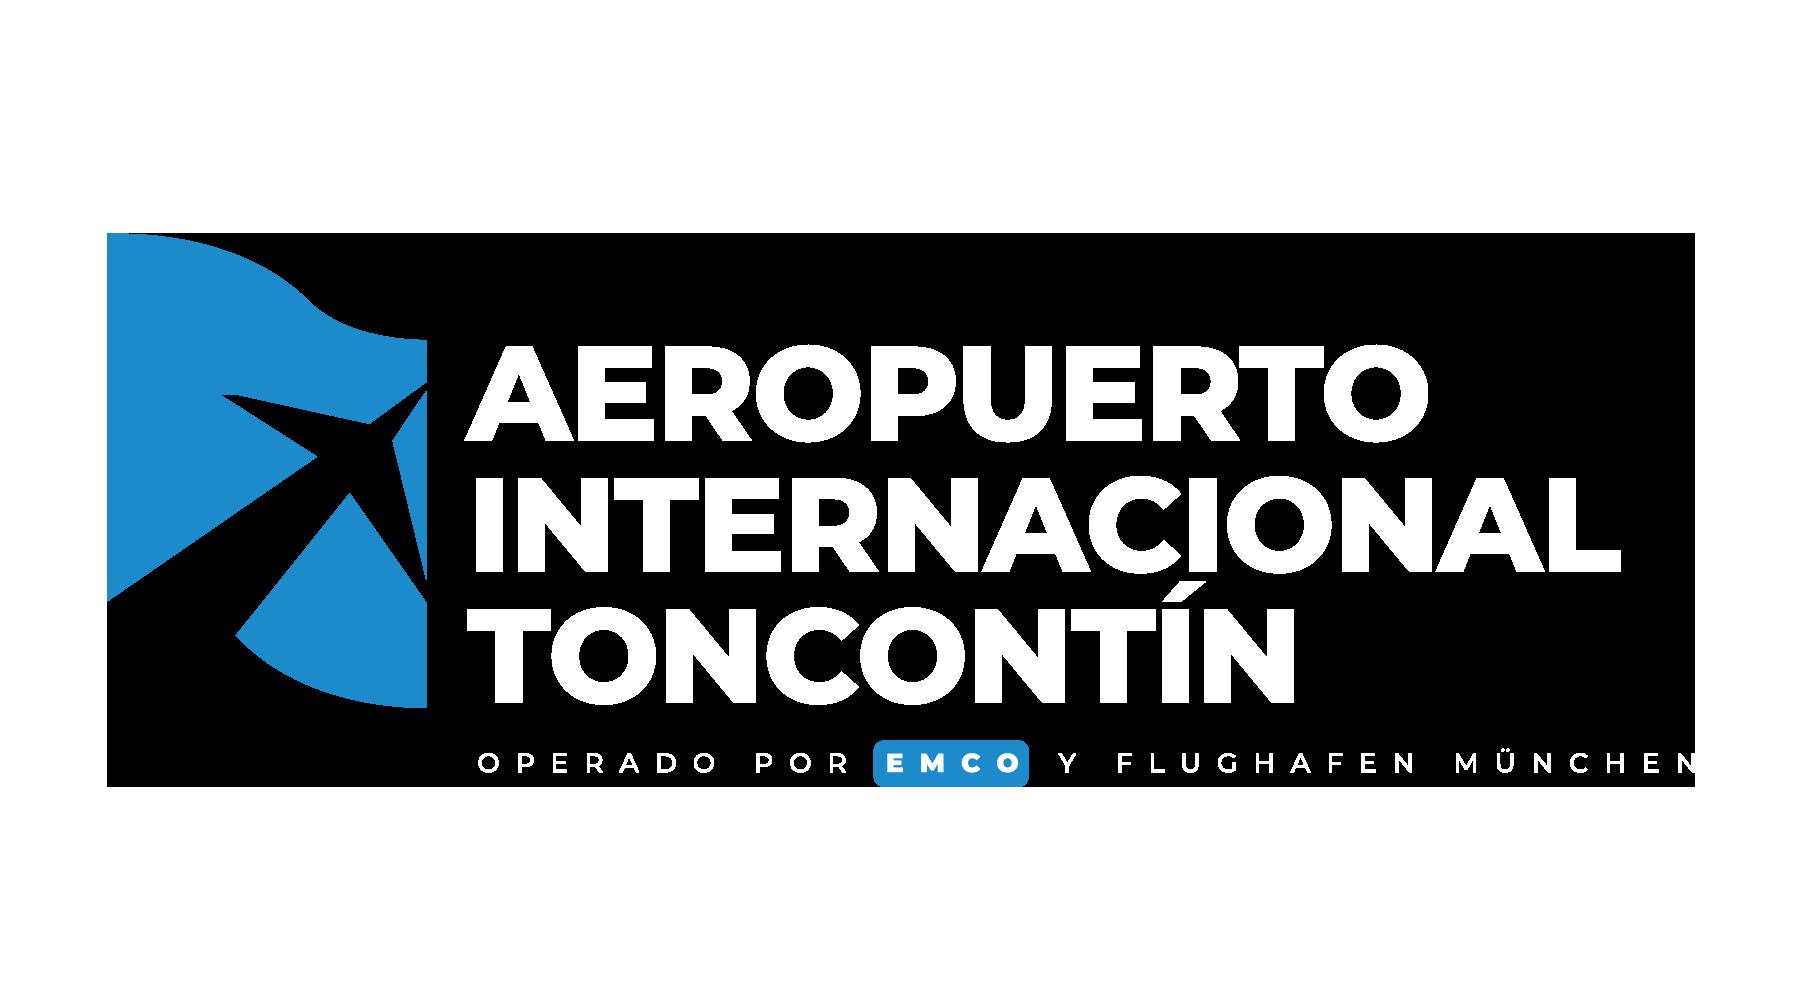 logo-aeropuerto-tegucigalpa-honduras-toncontín